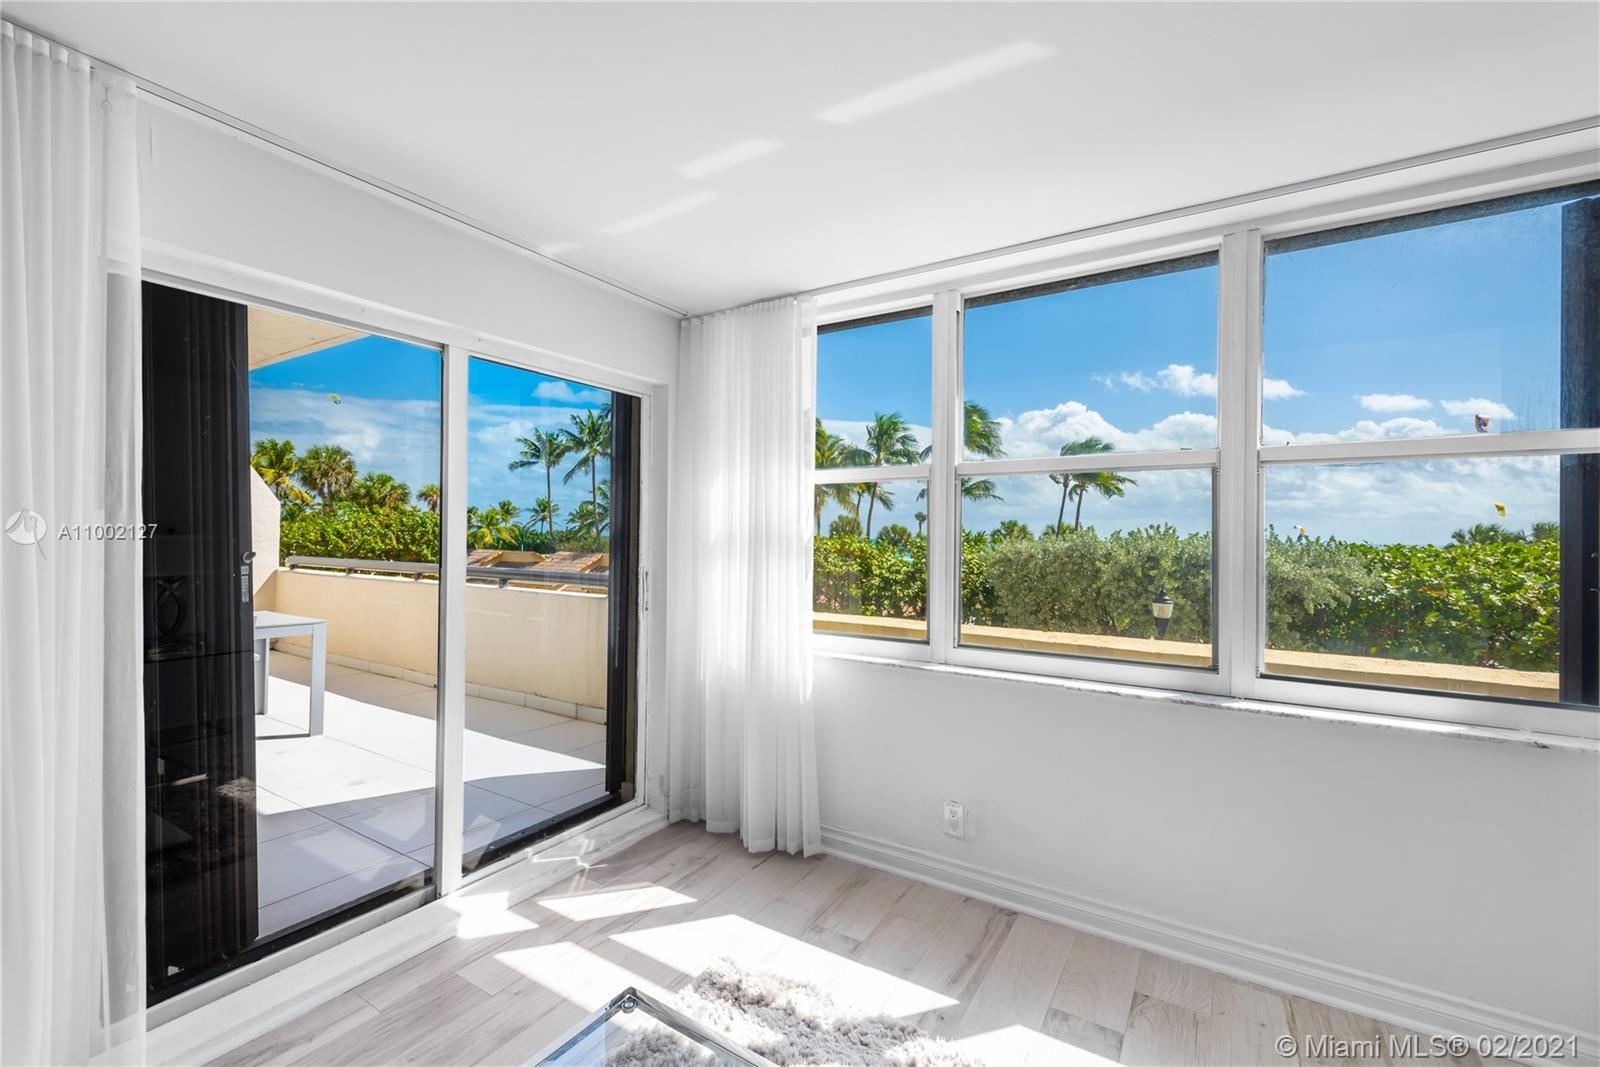 2555 Collins Ave #303, Miami Beach, FL 33140 - #: A11002127